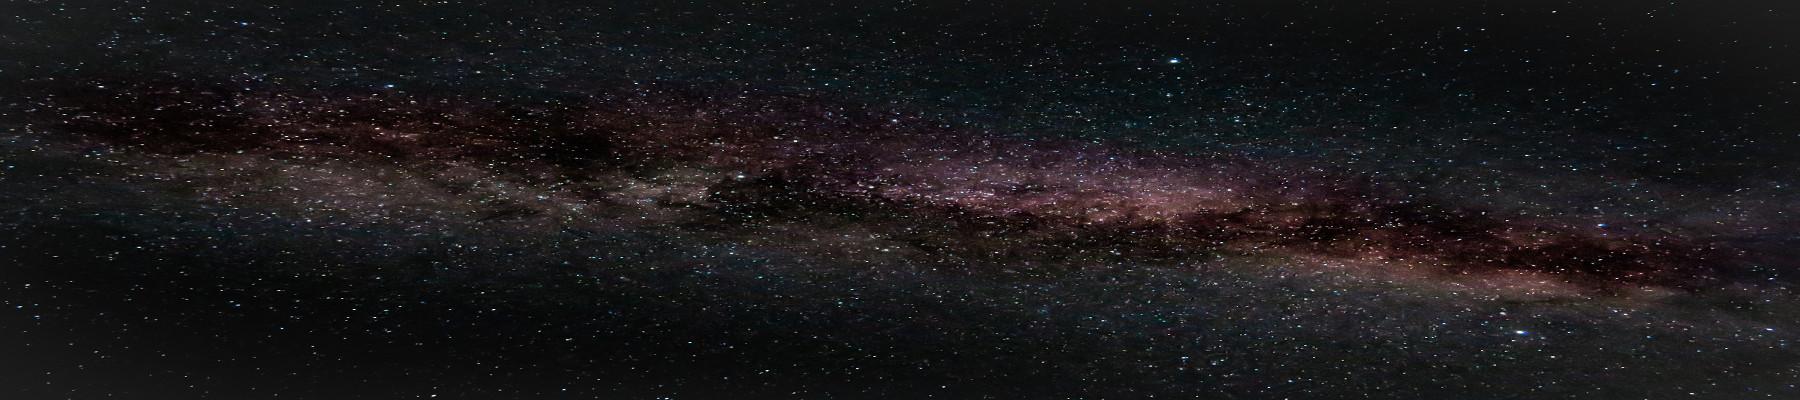 Galaxy 03